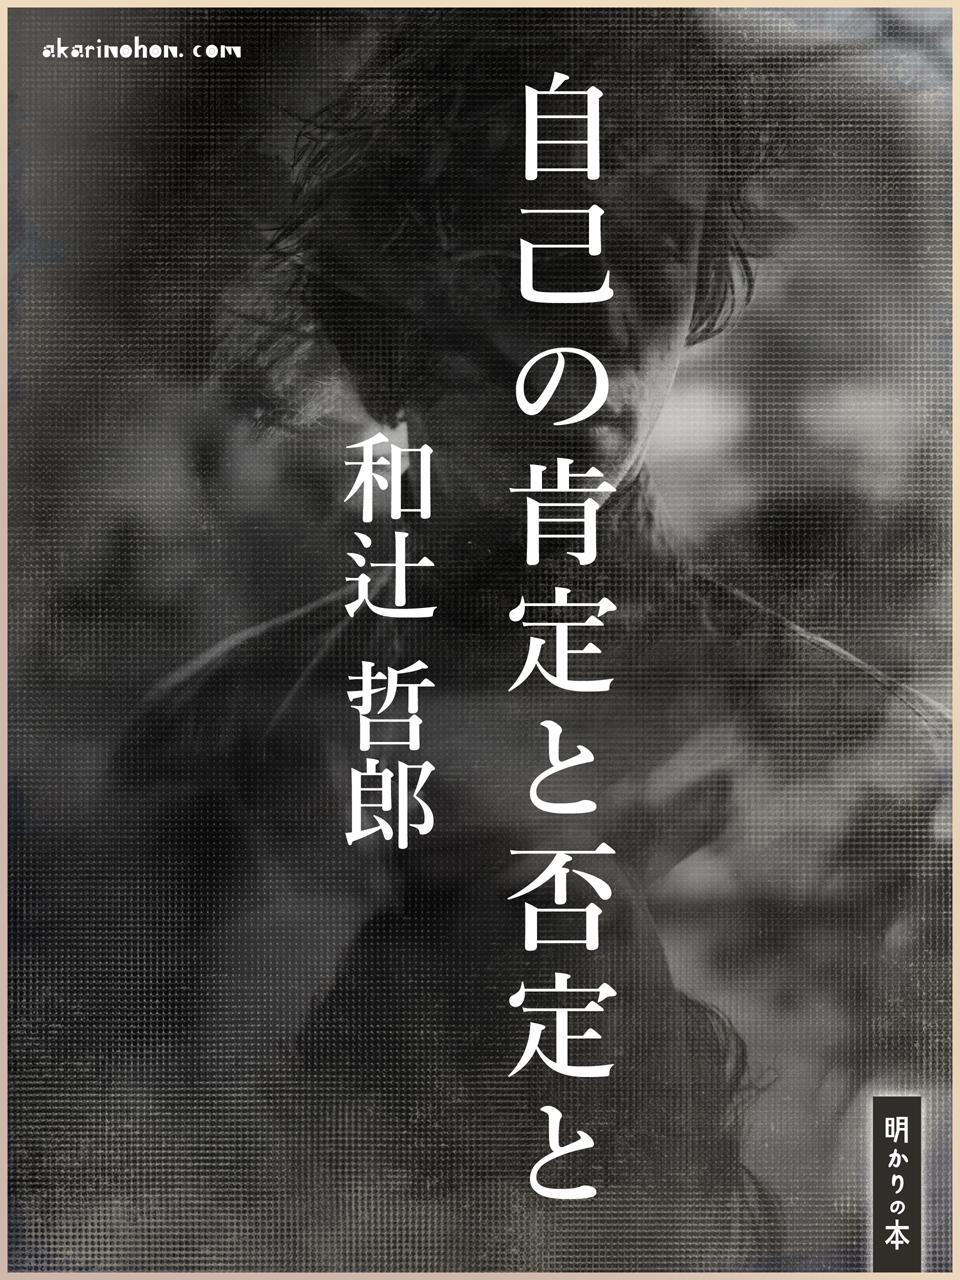 0000 - 自己の肯定と否定と 和辻哲郎